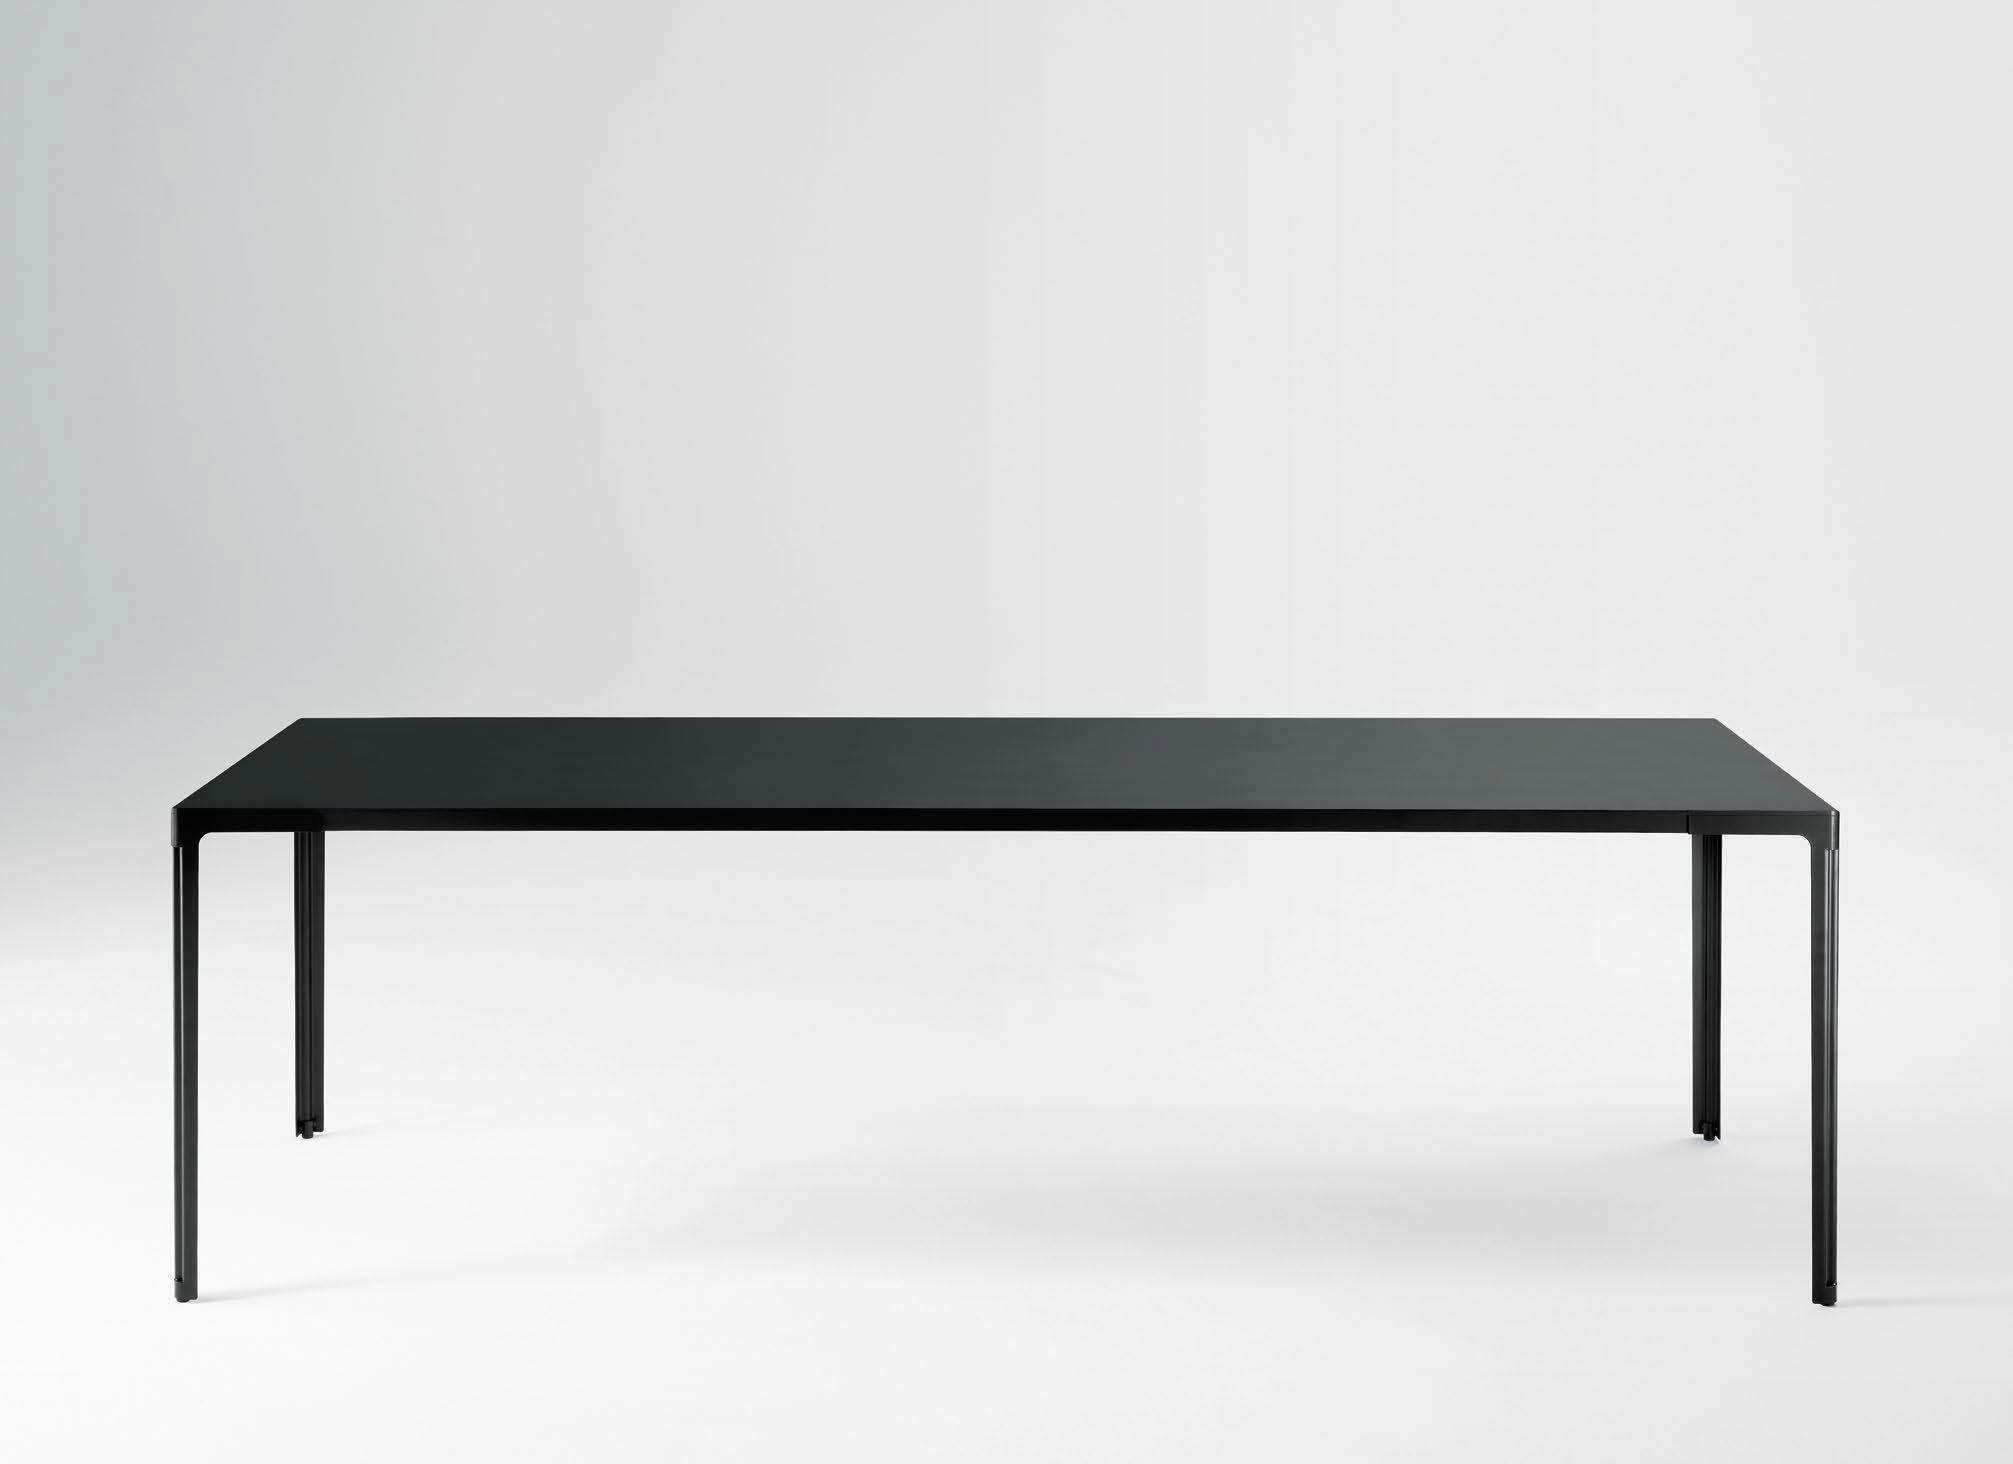 Tavolo In Ferro Moderno.Tavolo In Ferro Moderno Giuseppepinto